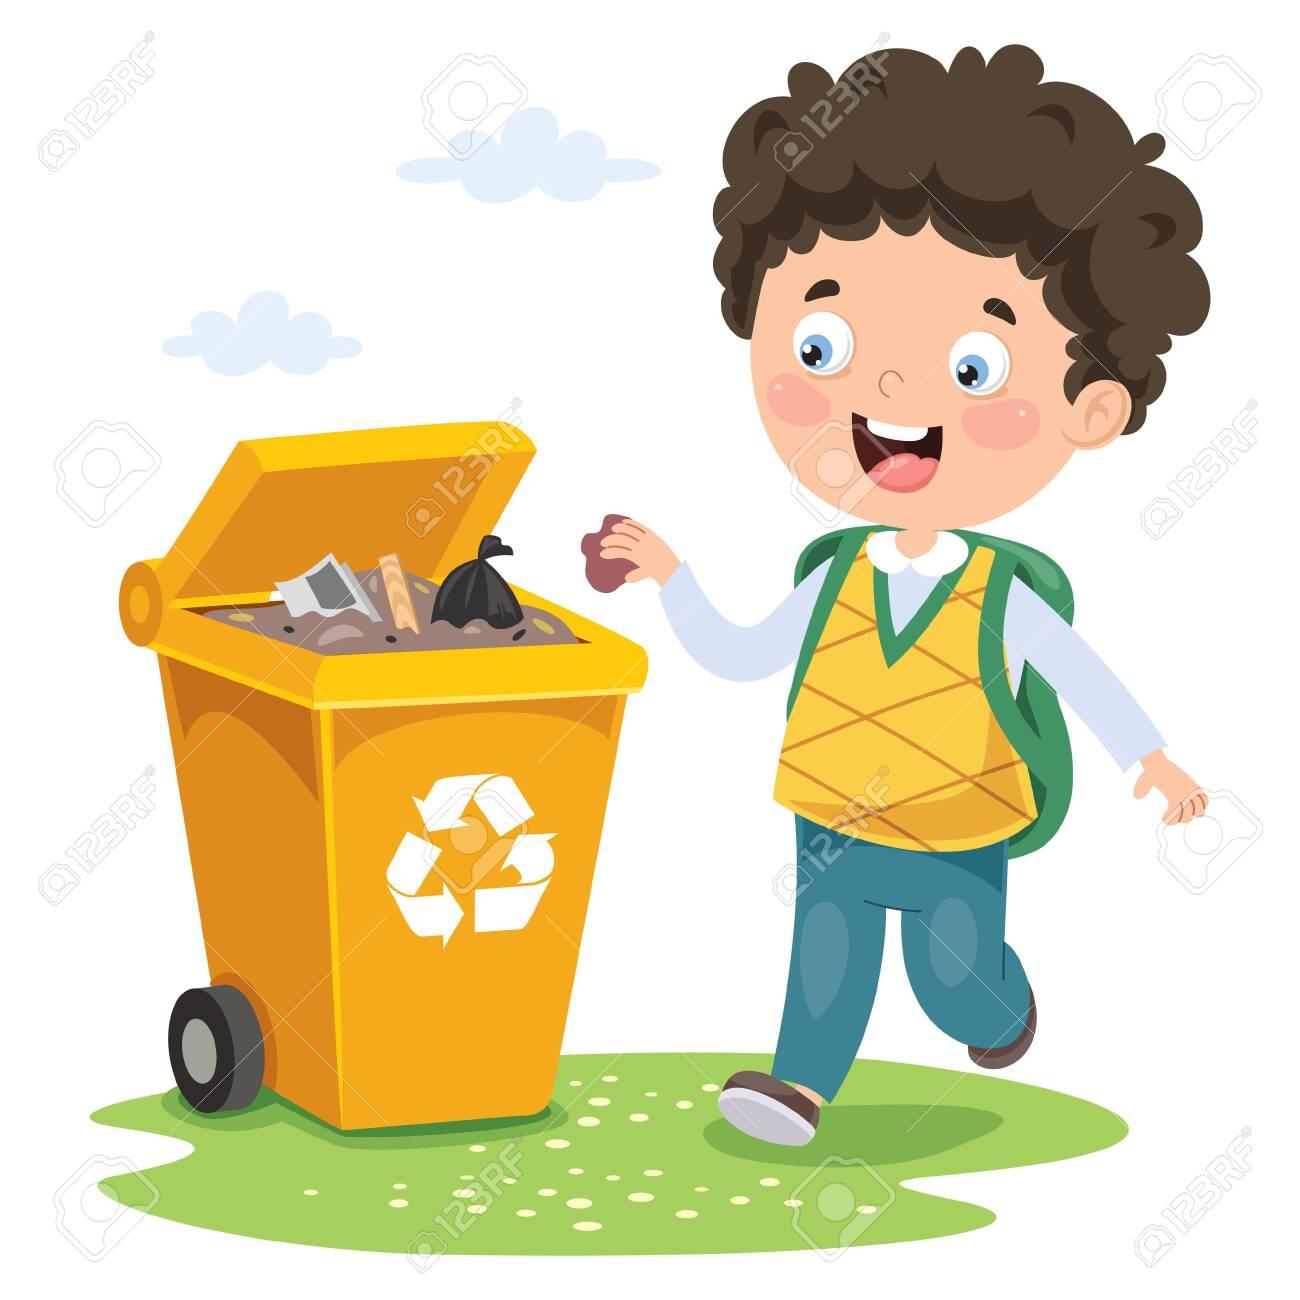 Kid Throwing Garbage In Trash Bin - 132910946